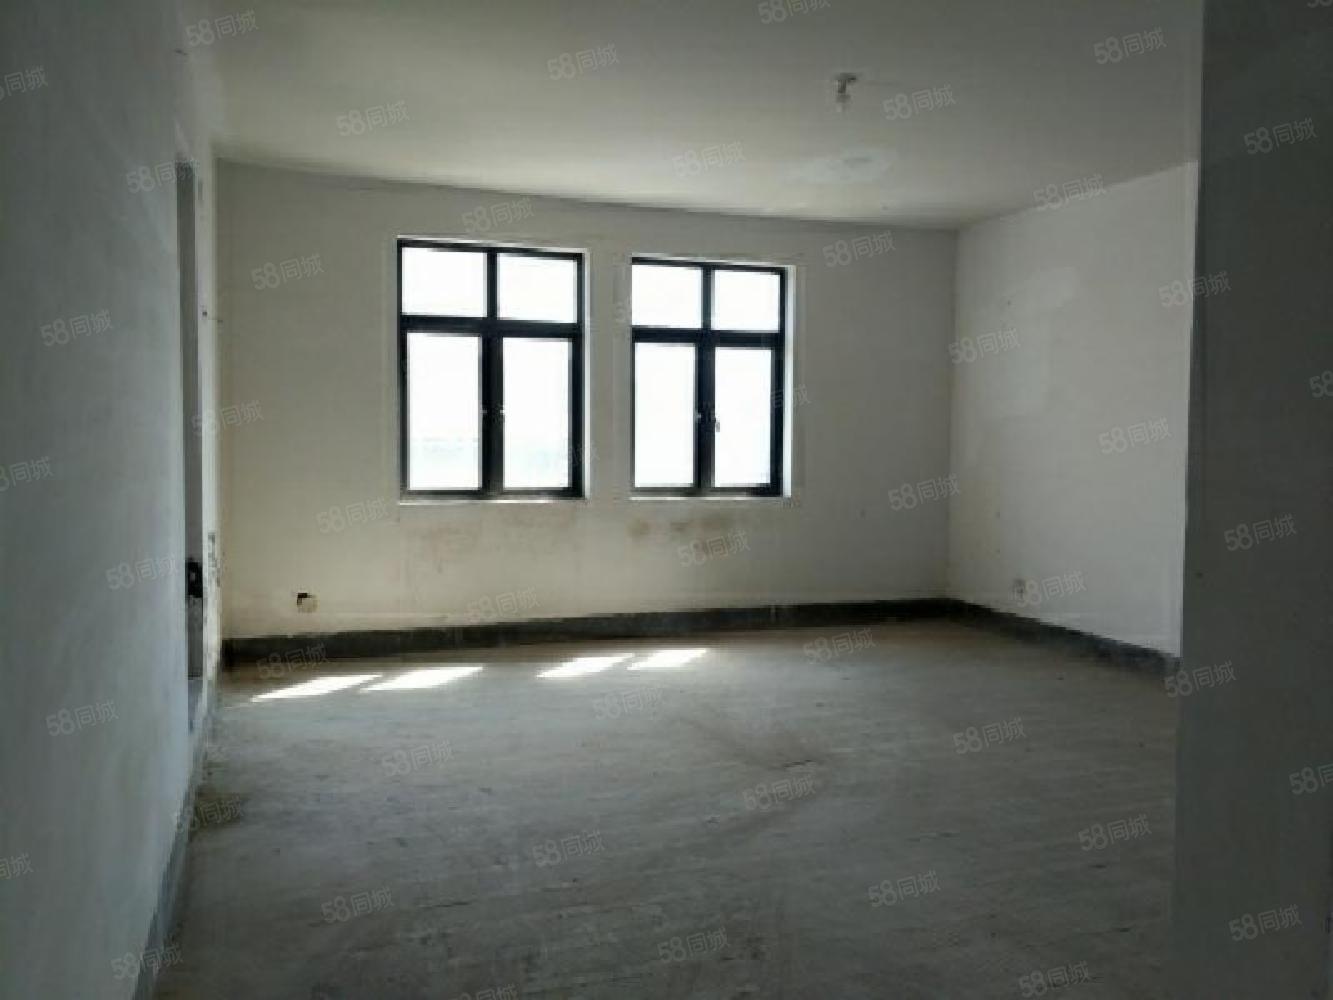 九龍山莊新出山地排屋 500萬低于市場價,性價比